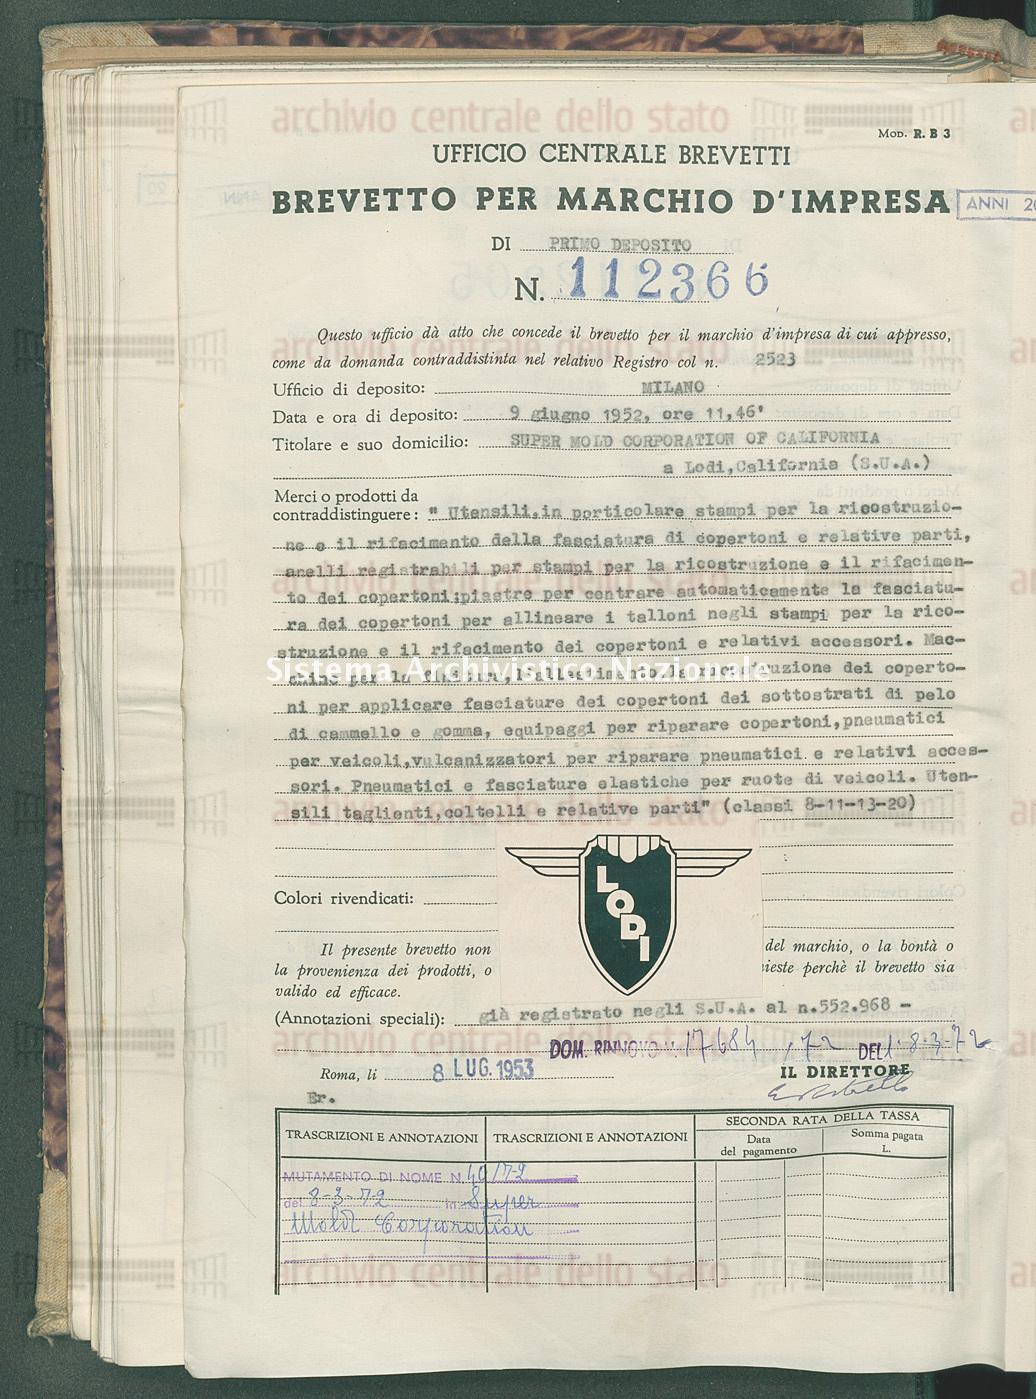 'Utensili, in particolare stampi per la ricostruzione e il rifacimento Super Mold Corporation Of California (08/07/1953)